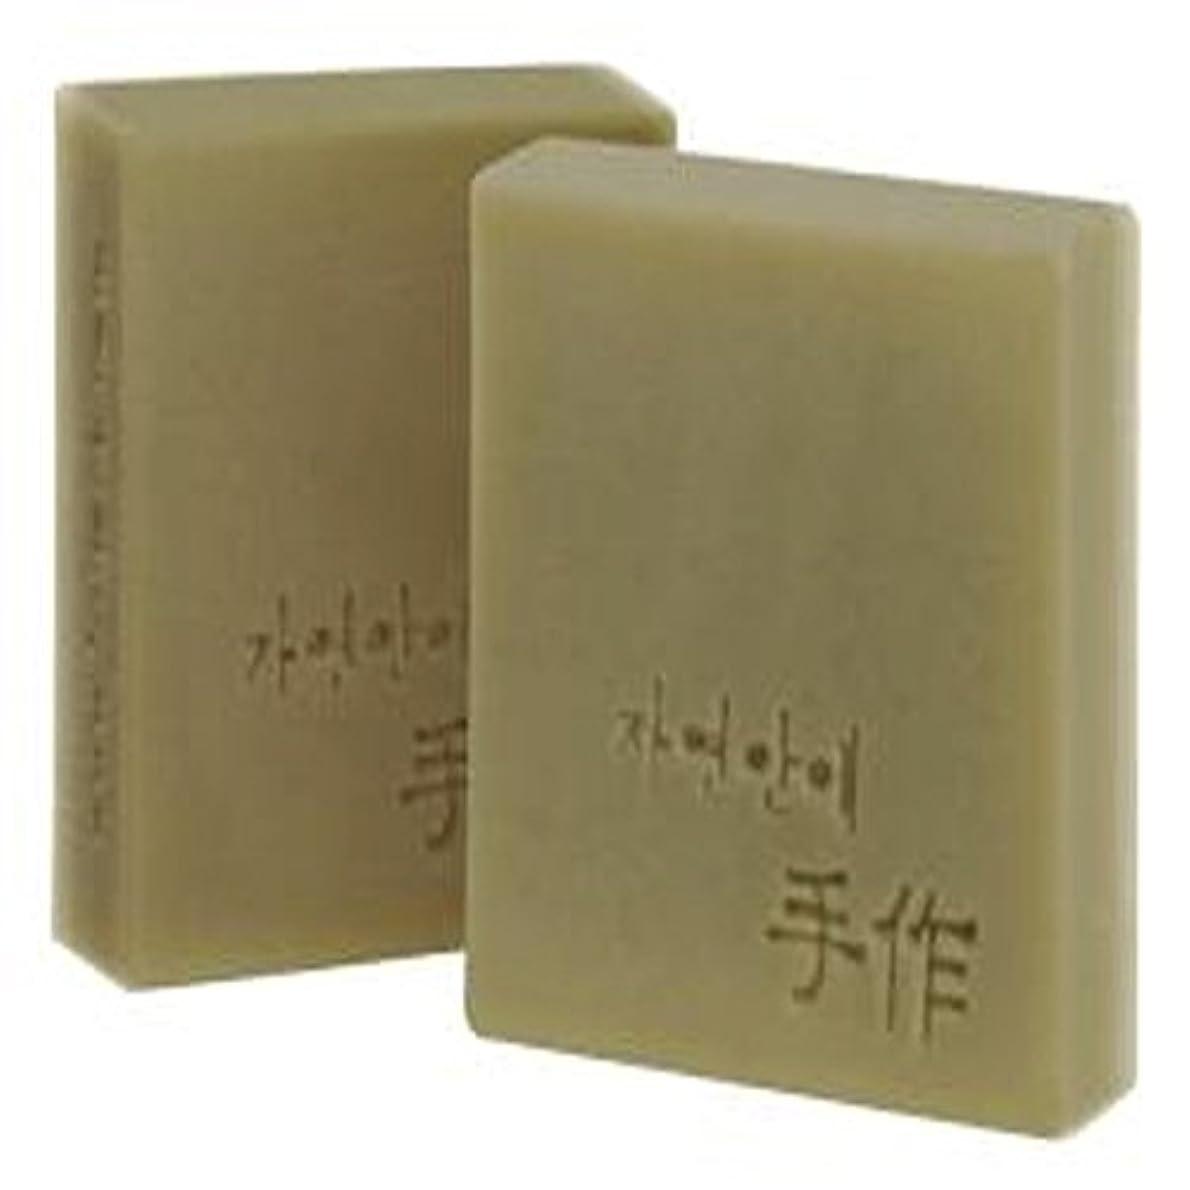 アンソロジー提供されたミリメーターNatural organic 有機天然ソープ 固形 無添加 洗顔せっけんクレンジング 石鹸 [並行輸入品] (アプリコット)